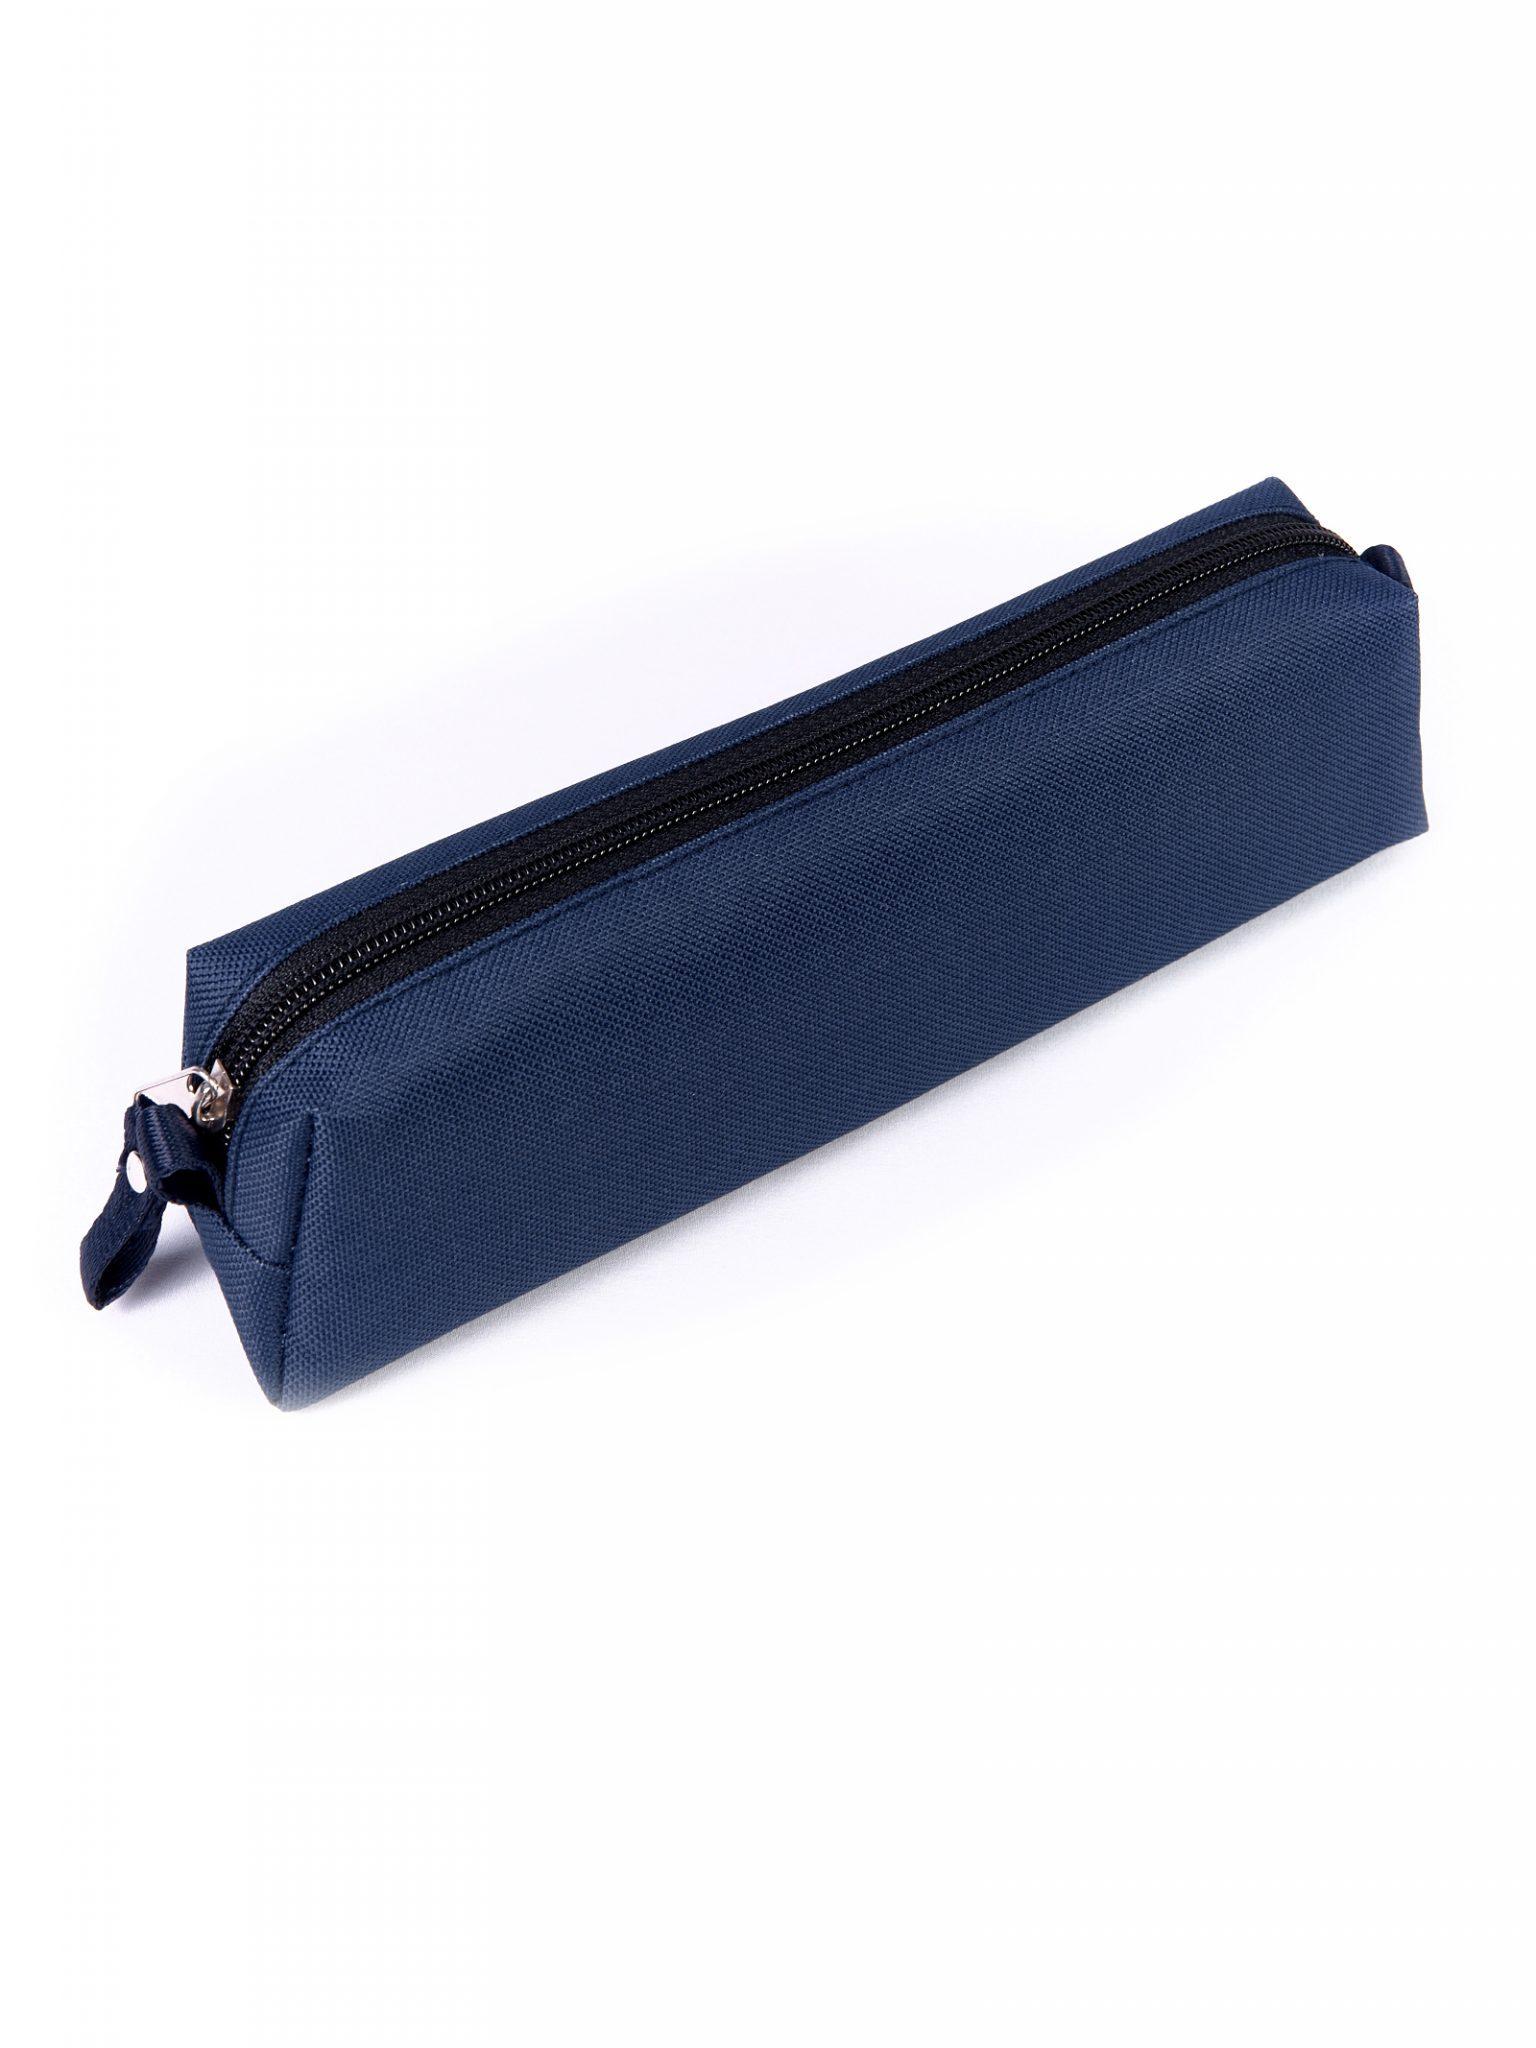 Пенал модель: Rondo цвет: темно-синий